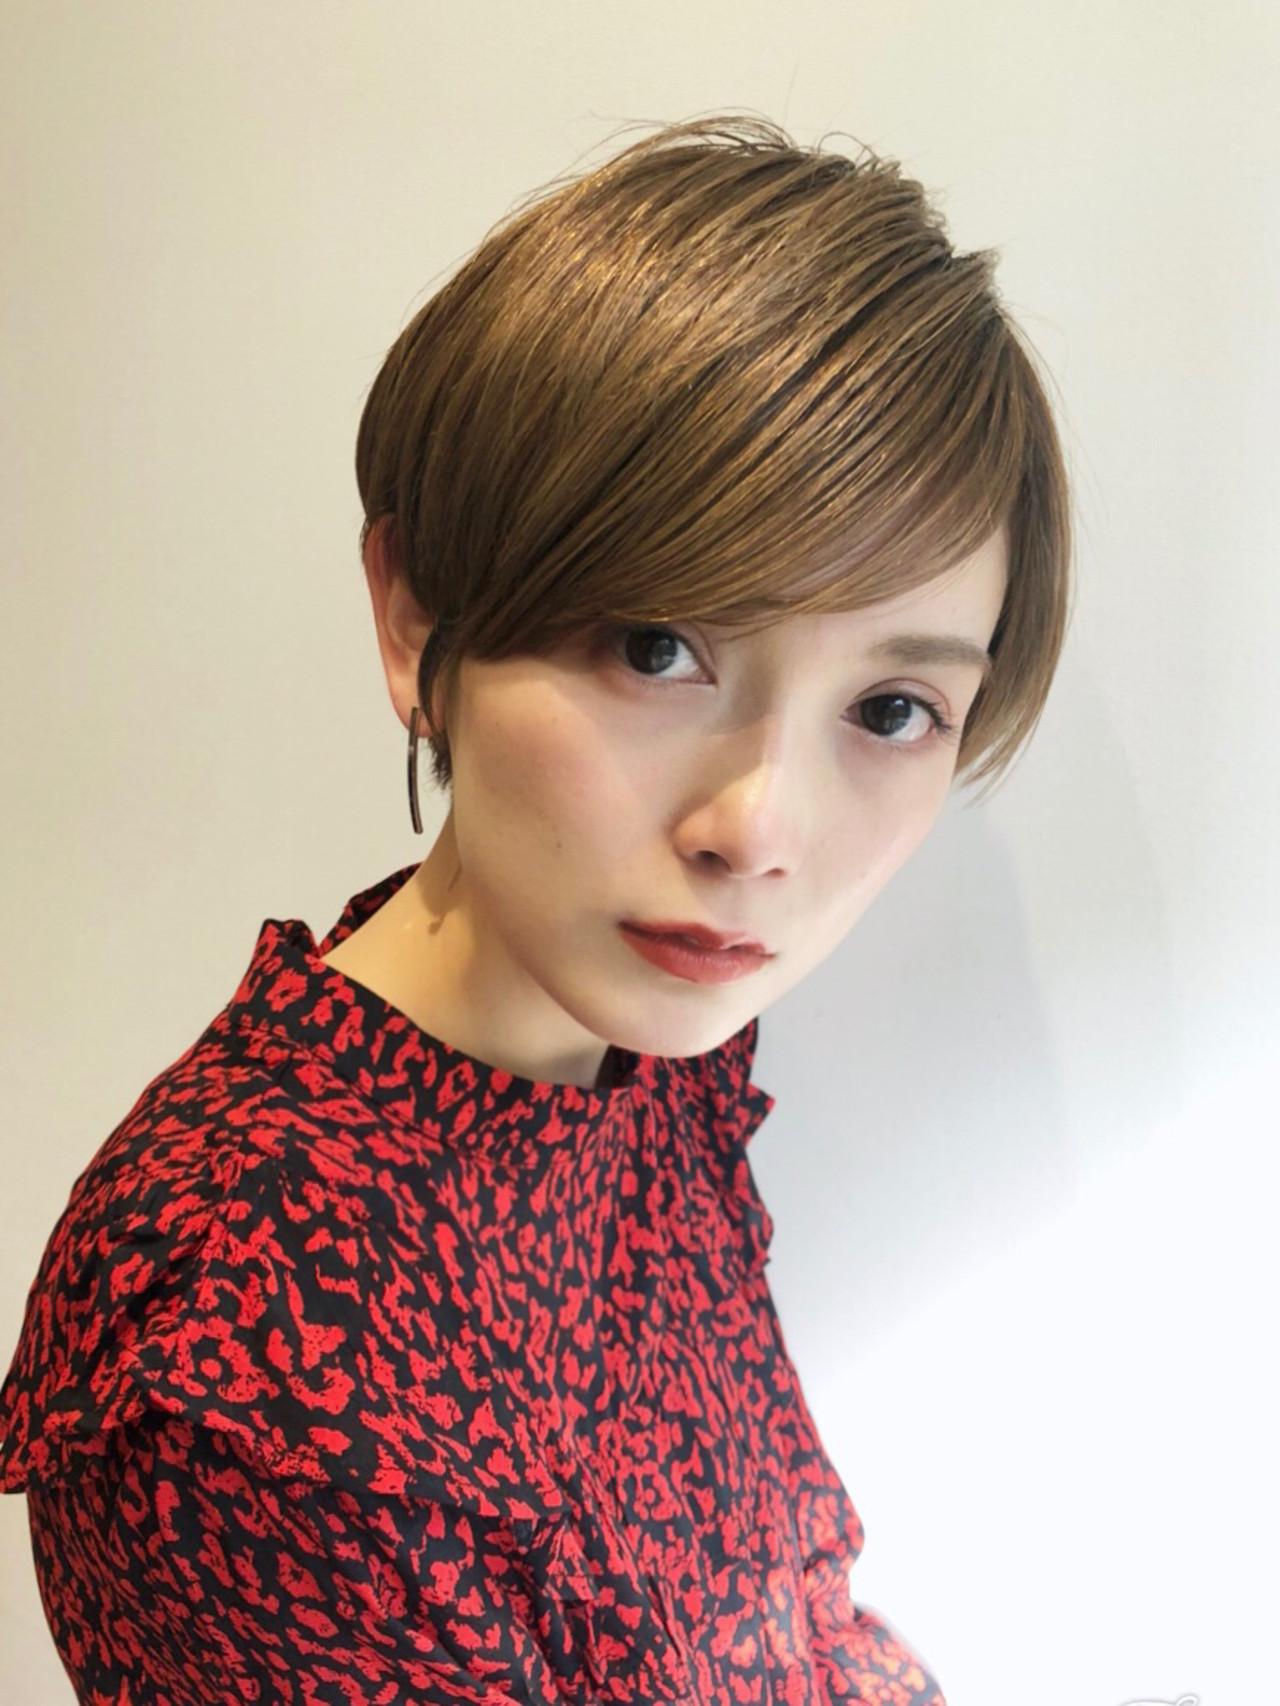 モード オフィス ヘアアレンジ ショート ヘアスタイルや髪型の写真・画像 | Que hair director 高橋貴大 / Que hair